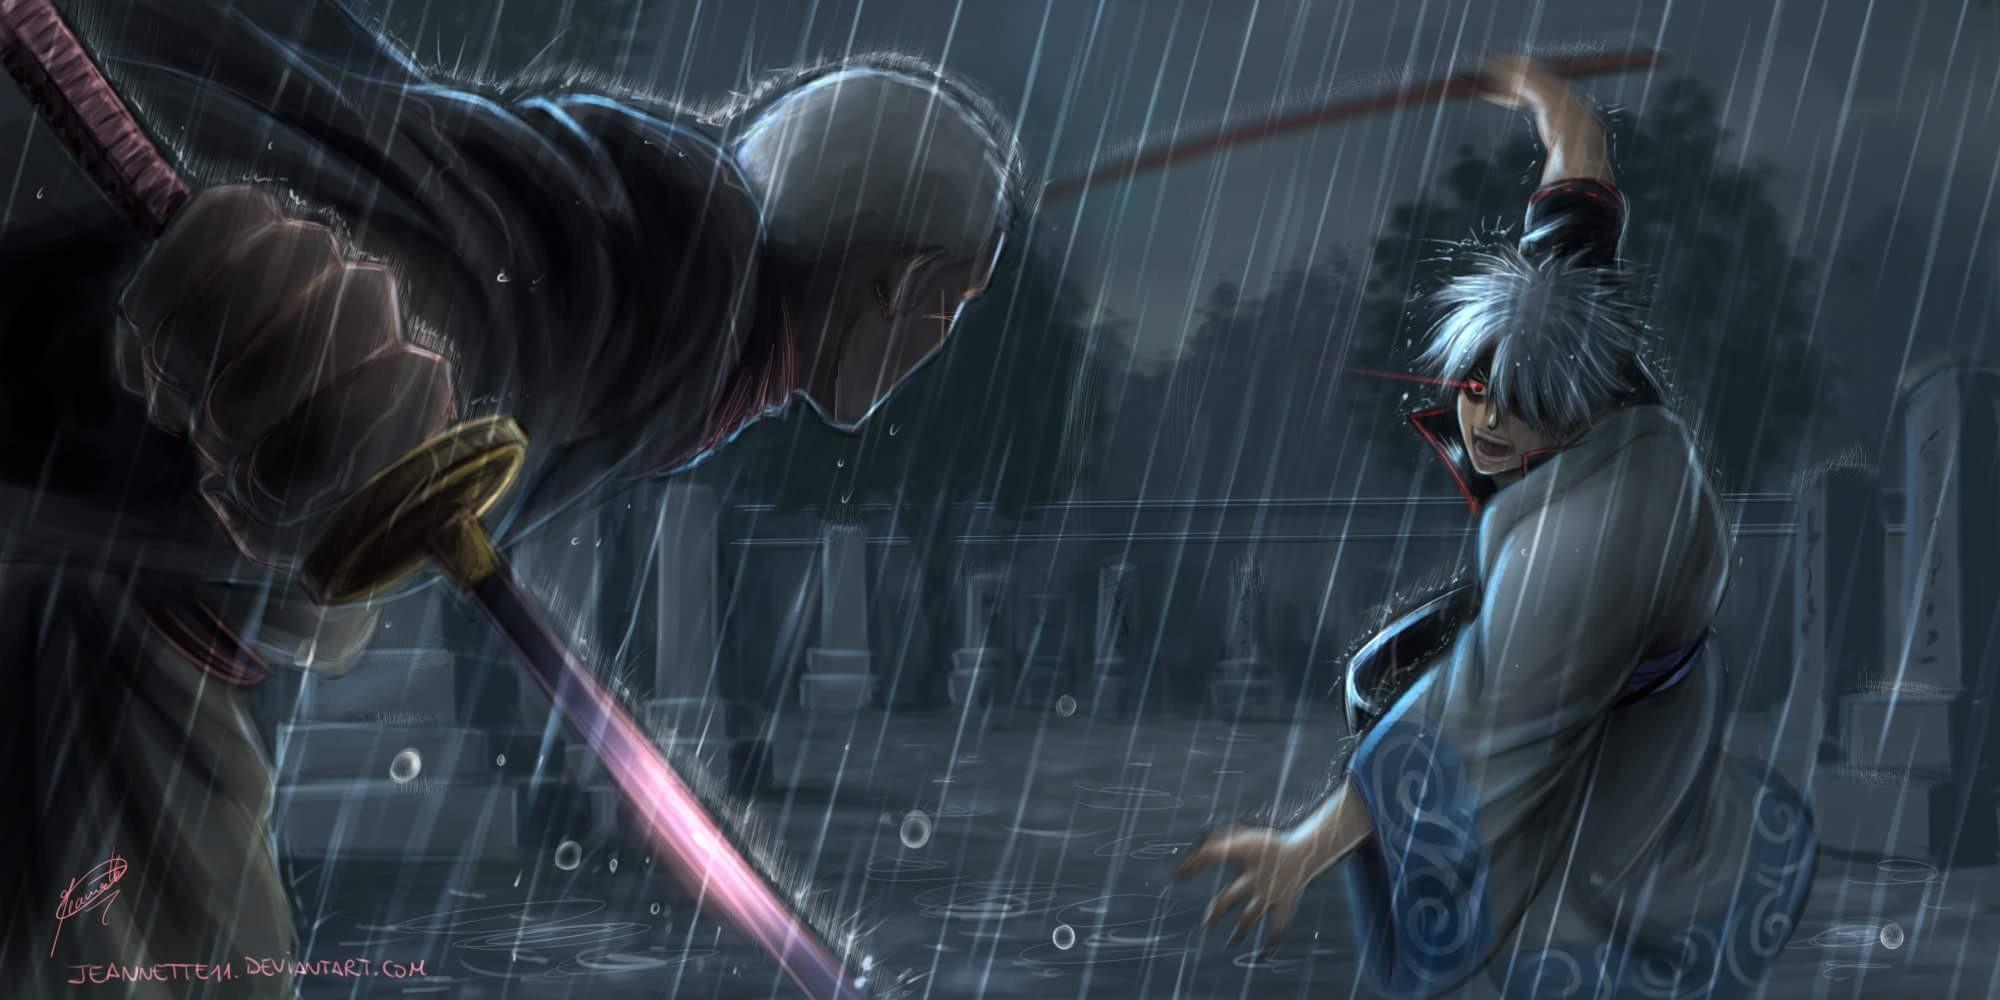 Wallpaper Gintama Sakata Gintoki Darkness Screenshot